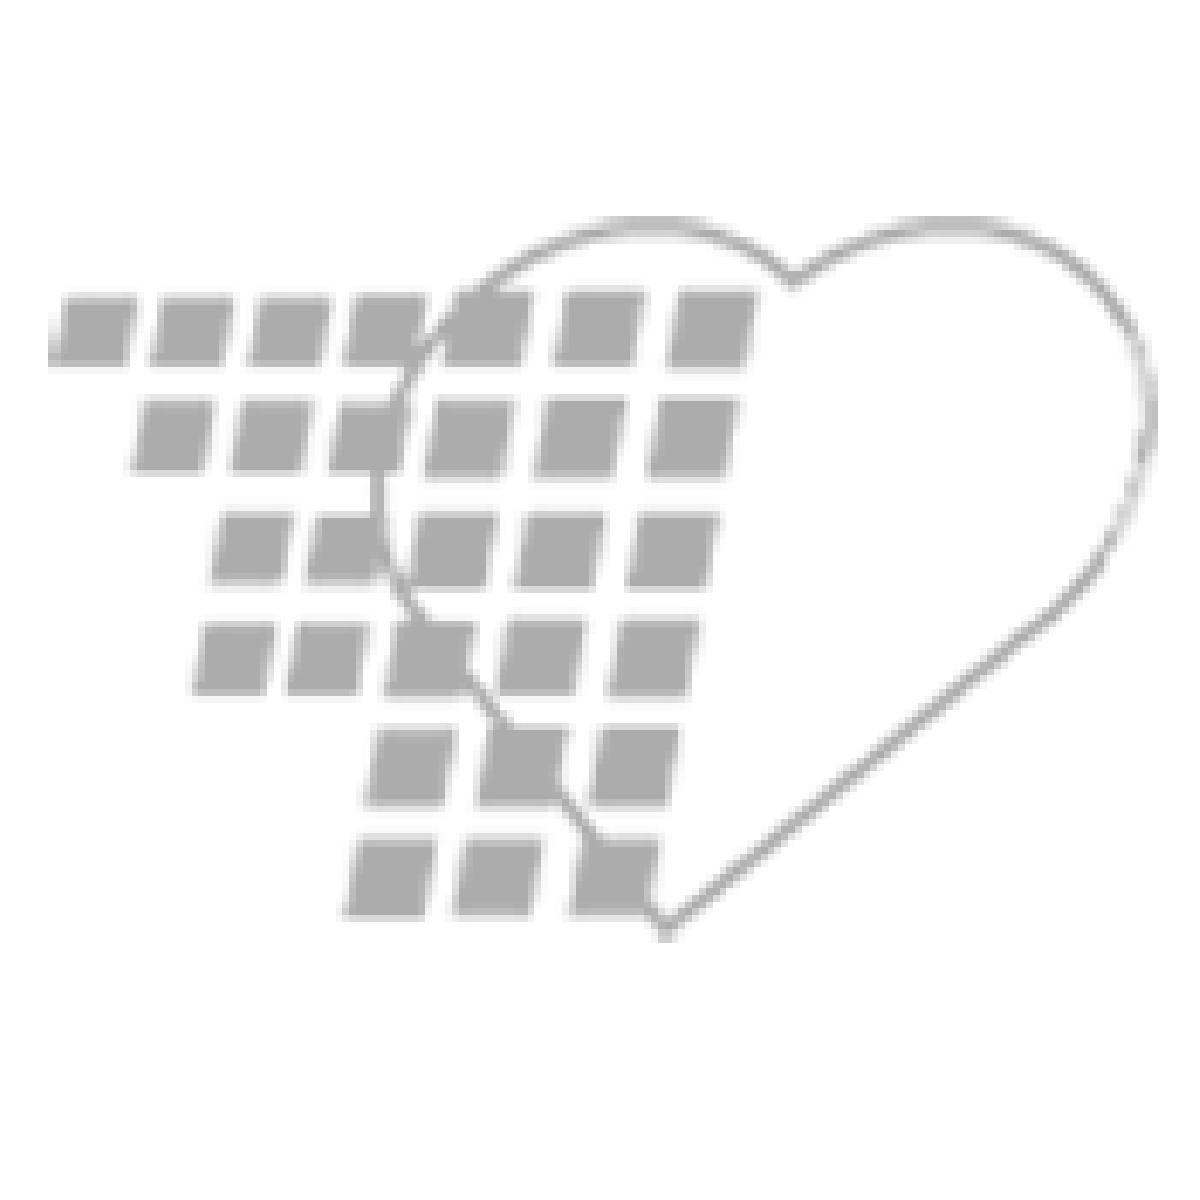 06-93-3820 - Demo Dose® Insulin Pen 3G